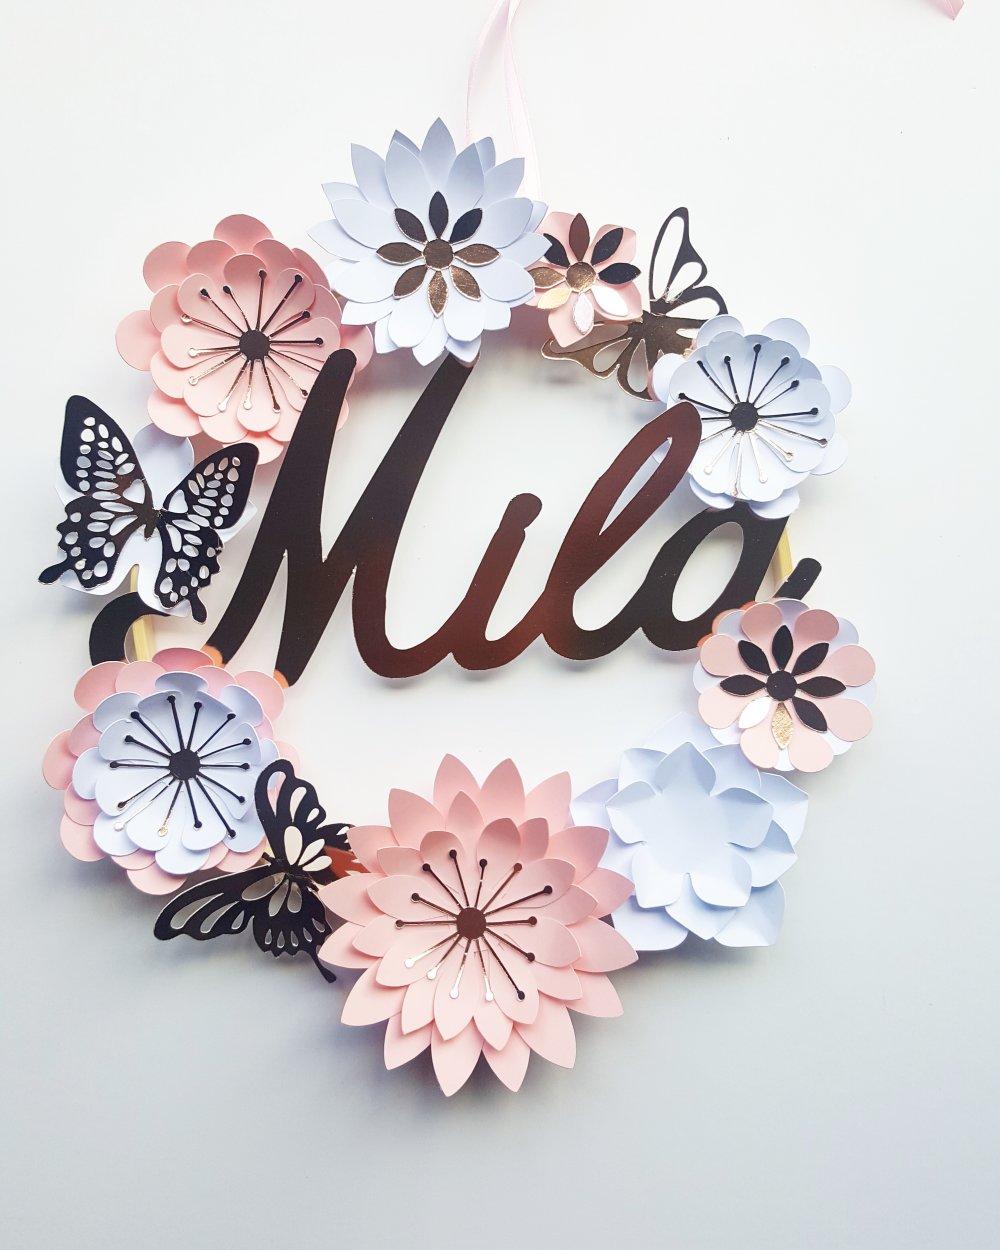 Couronne prenom fleurie, decoration murale,fleurs papier,cercle bois,cadeau naissance, noel